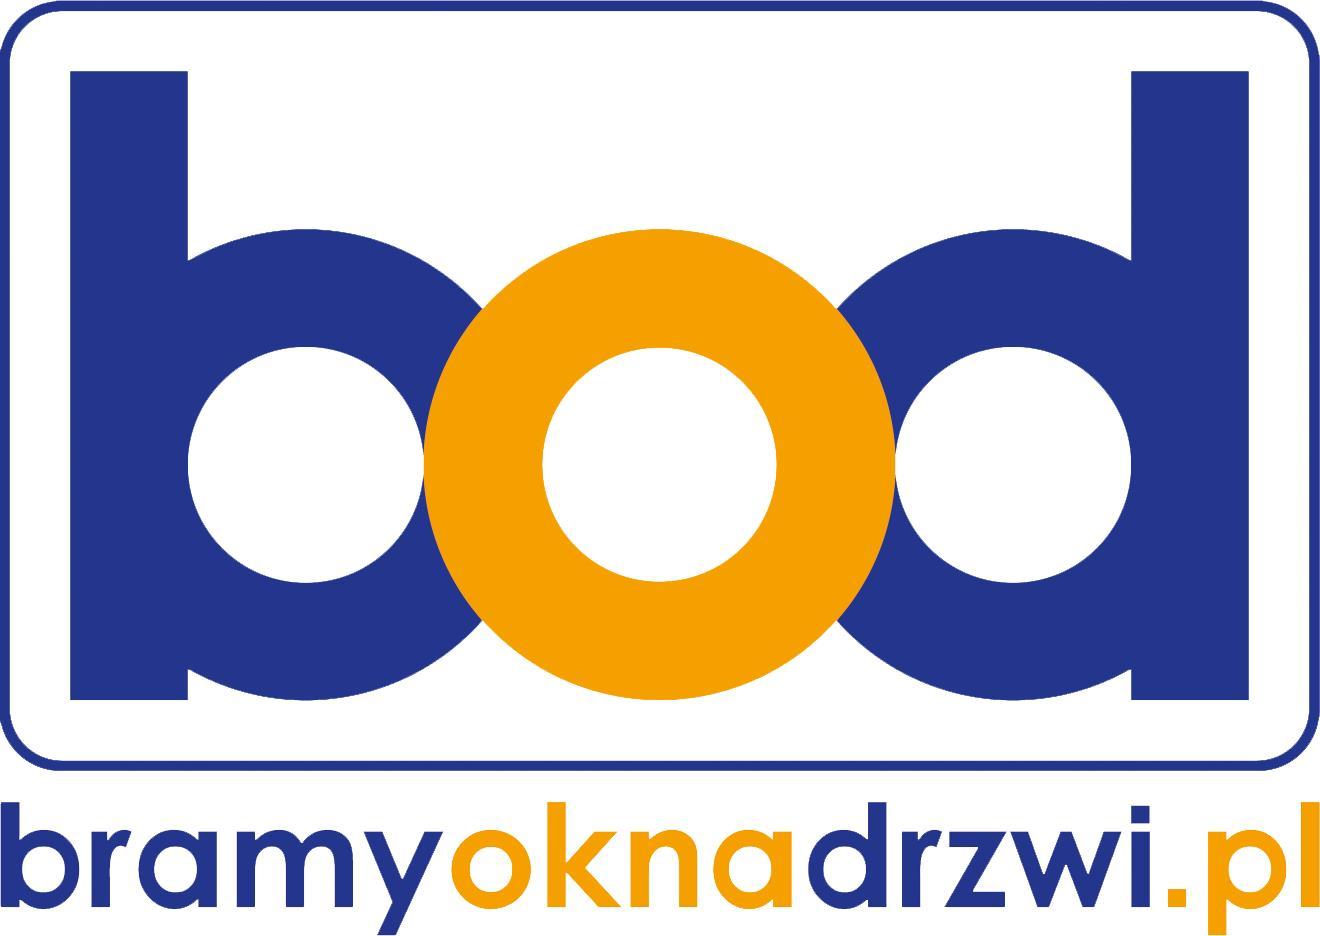 BramyOknaDrzwi.pl Poznań, Wielkopolska.